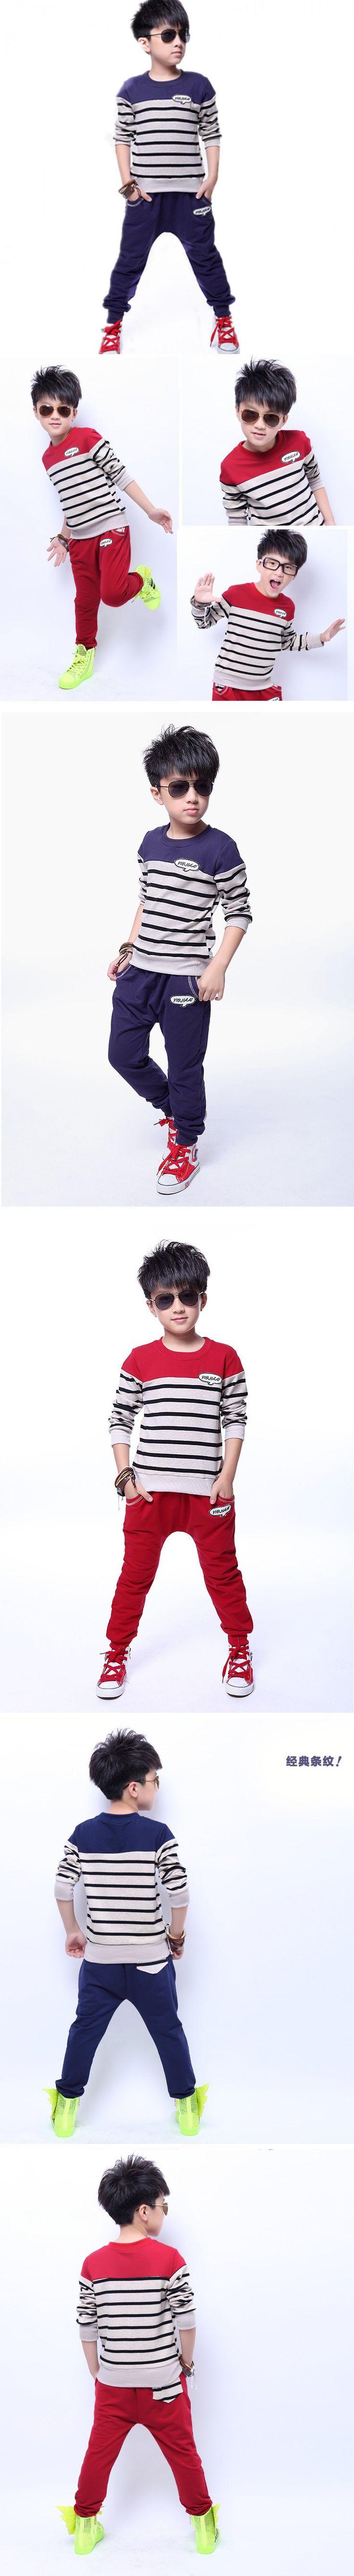 Brand Kids clothes set Teenage Boys Clothing roupas de menino sweatshirt pant boy tracksuit Children sport suit 6-14 age $19.99